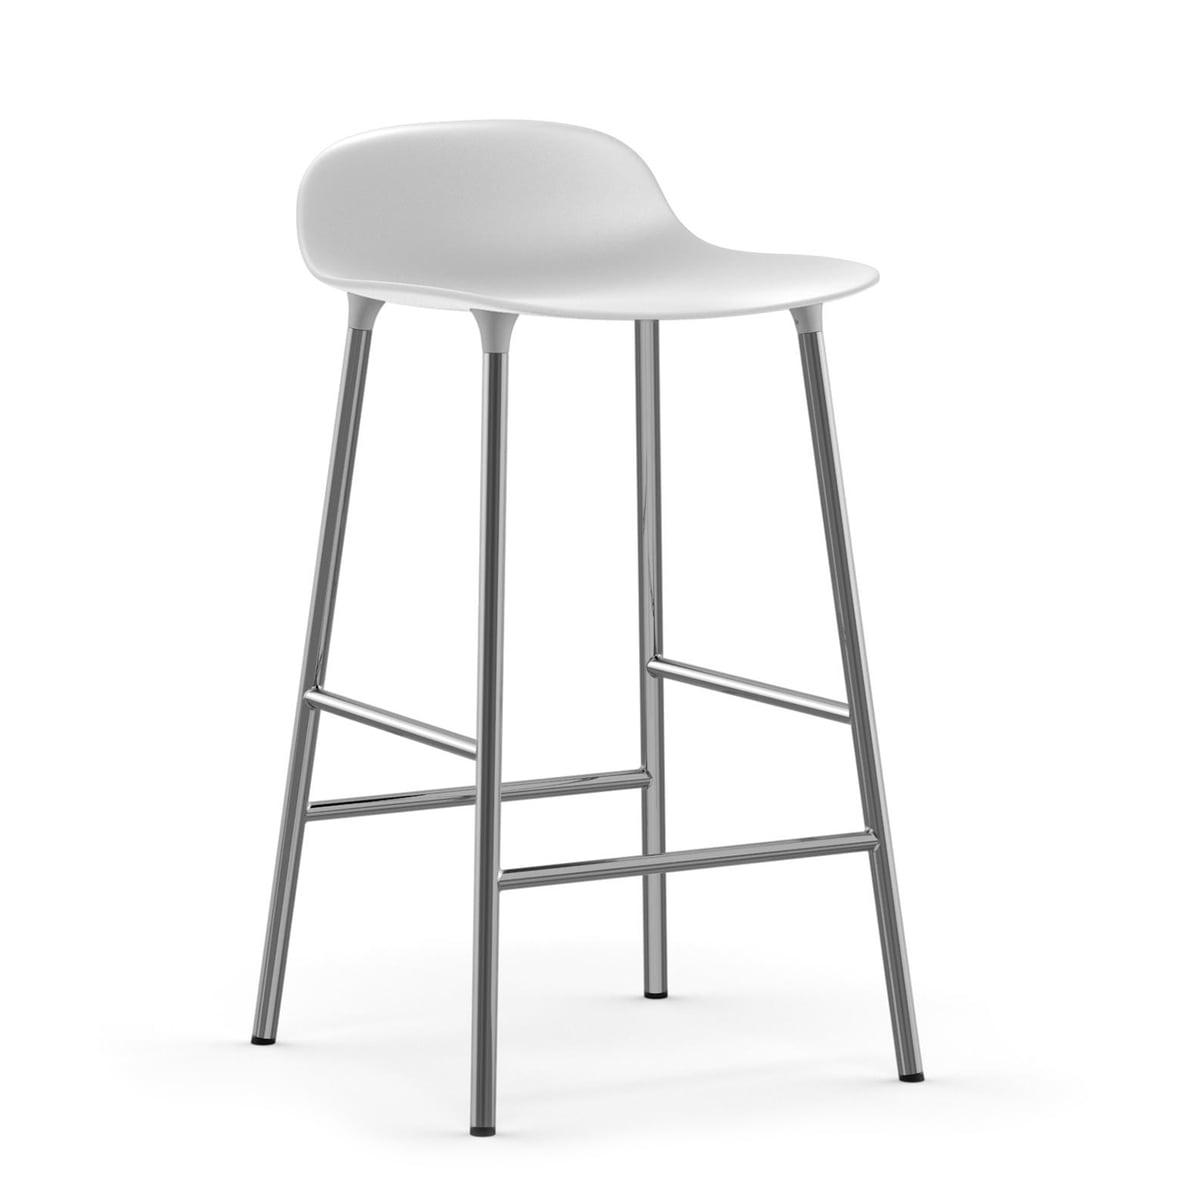 Normann Copenhagen - Form Barhocker H 65 cm, Chrom / weiß | Küche und Esszimmer > Bar-Möbel > Barhocker | Weiß | Untergestell: chrom -  sitzschale: polypropylen | Normann Copenhagen